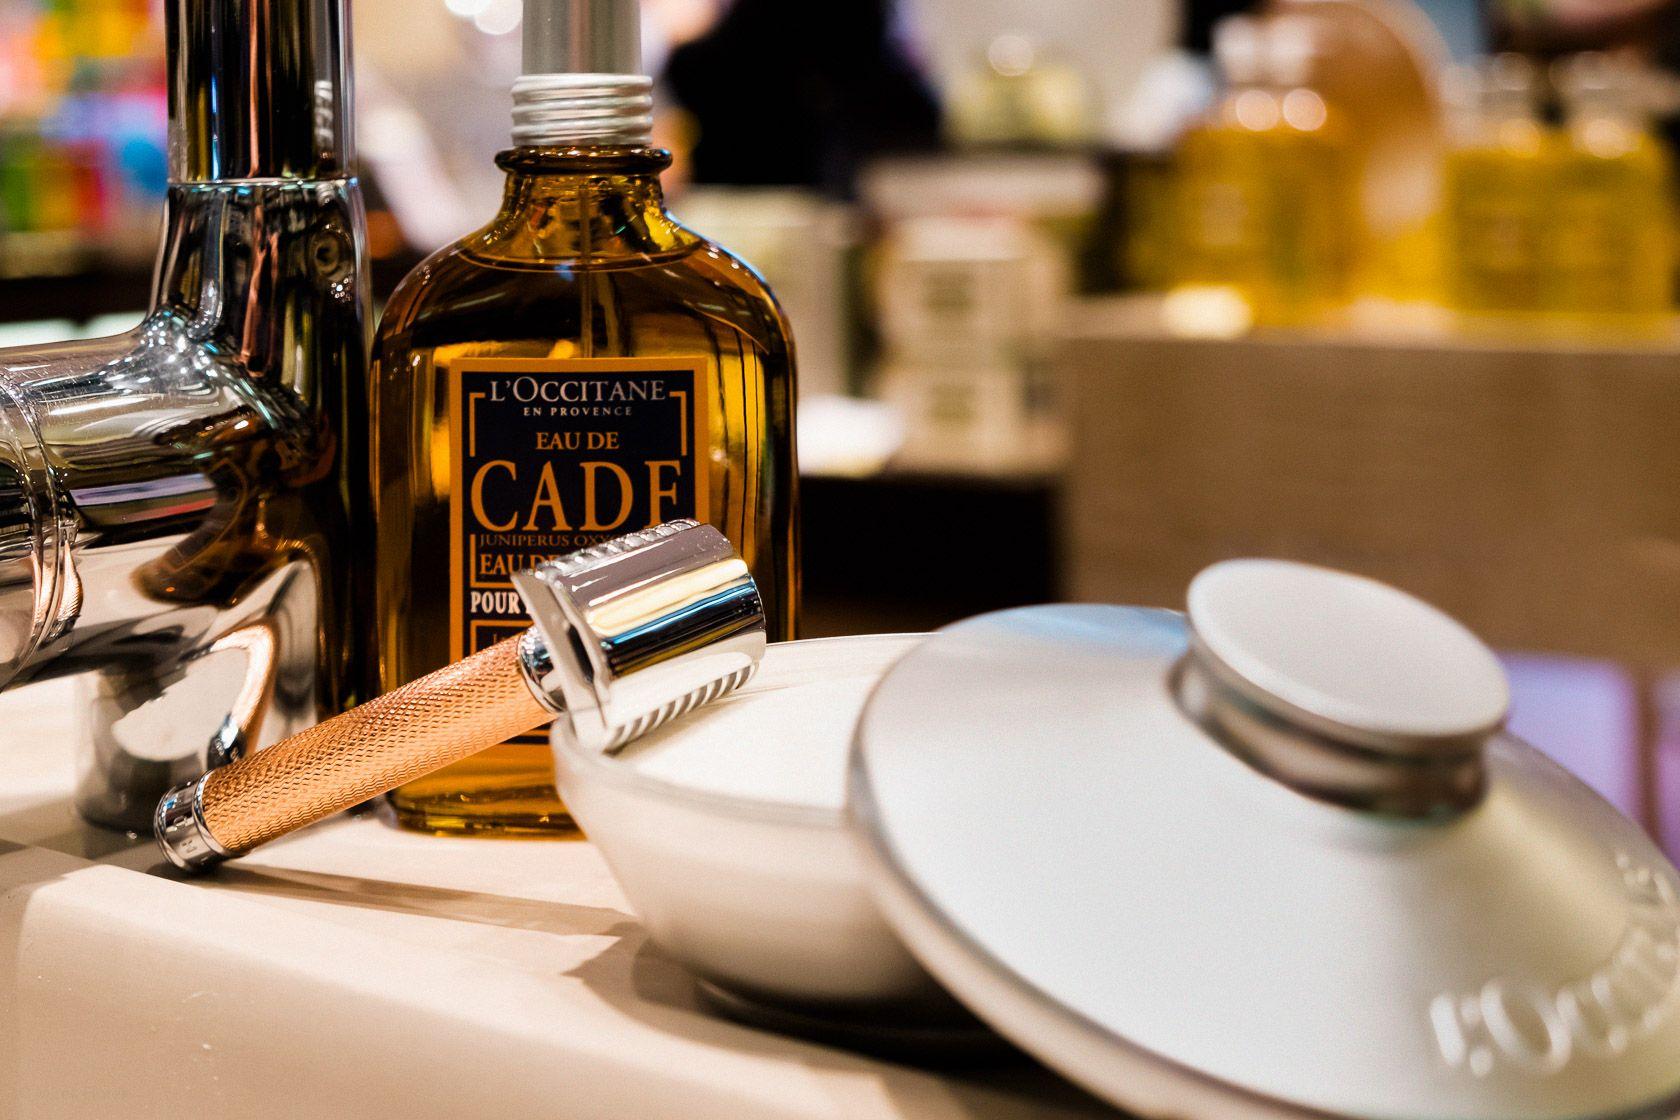 L'Occitane-Cade-Soap-Scenka